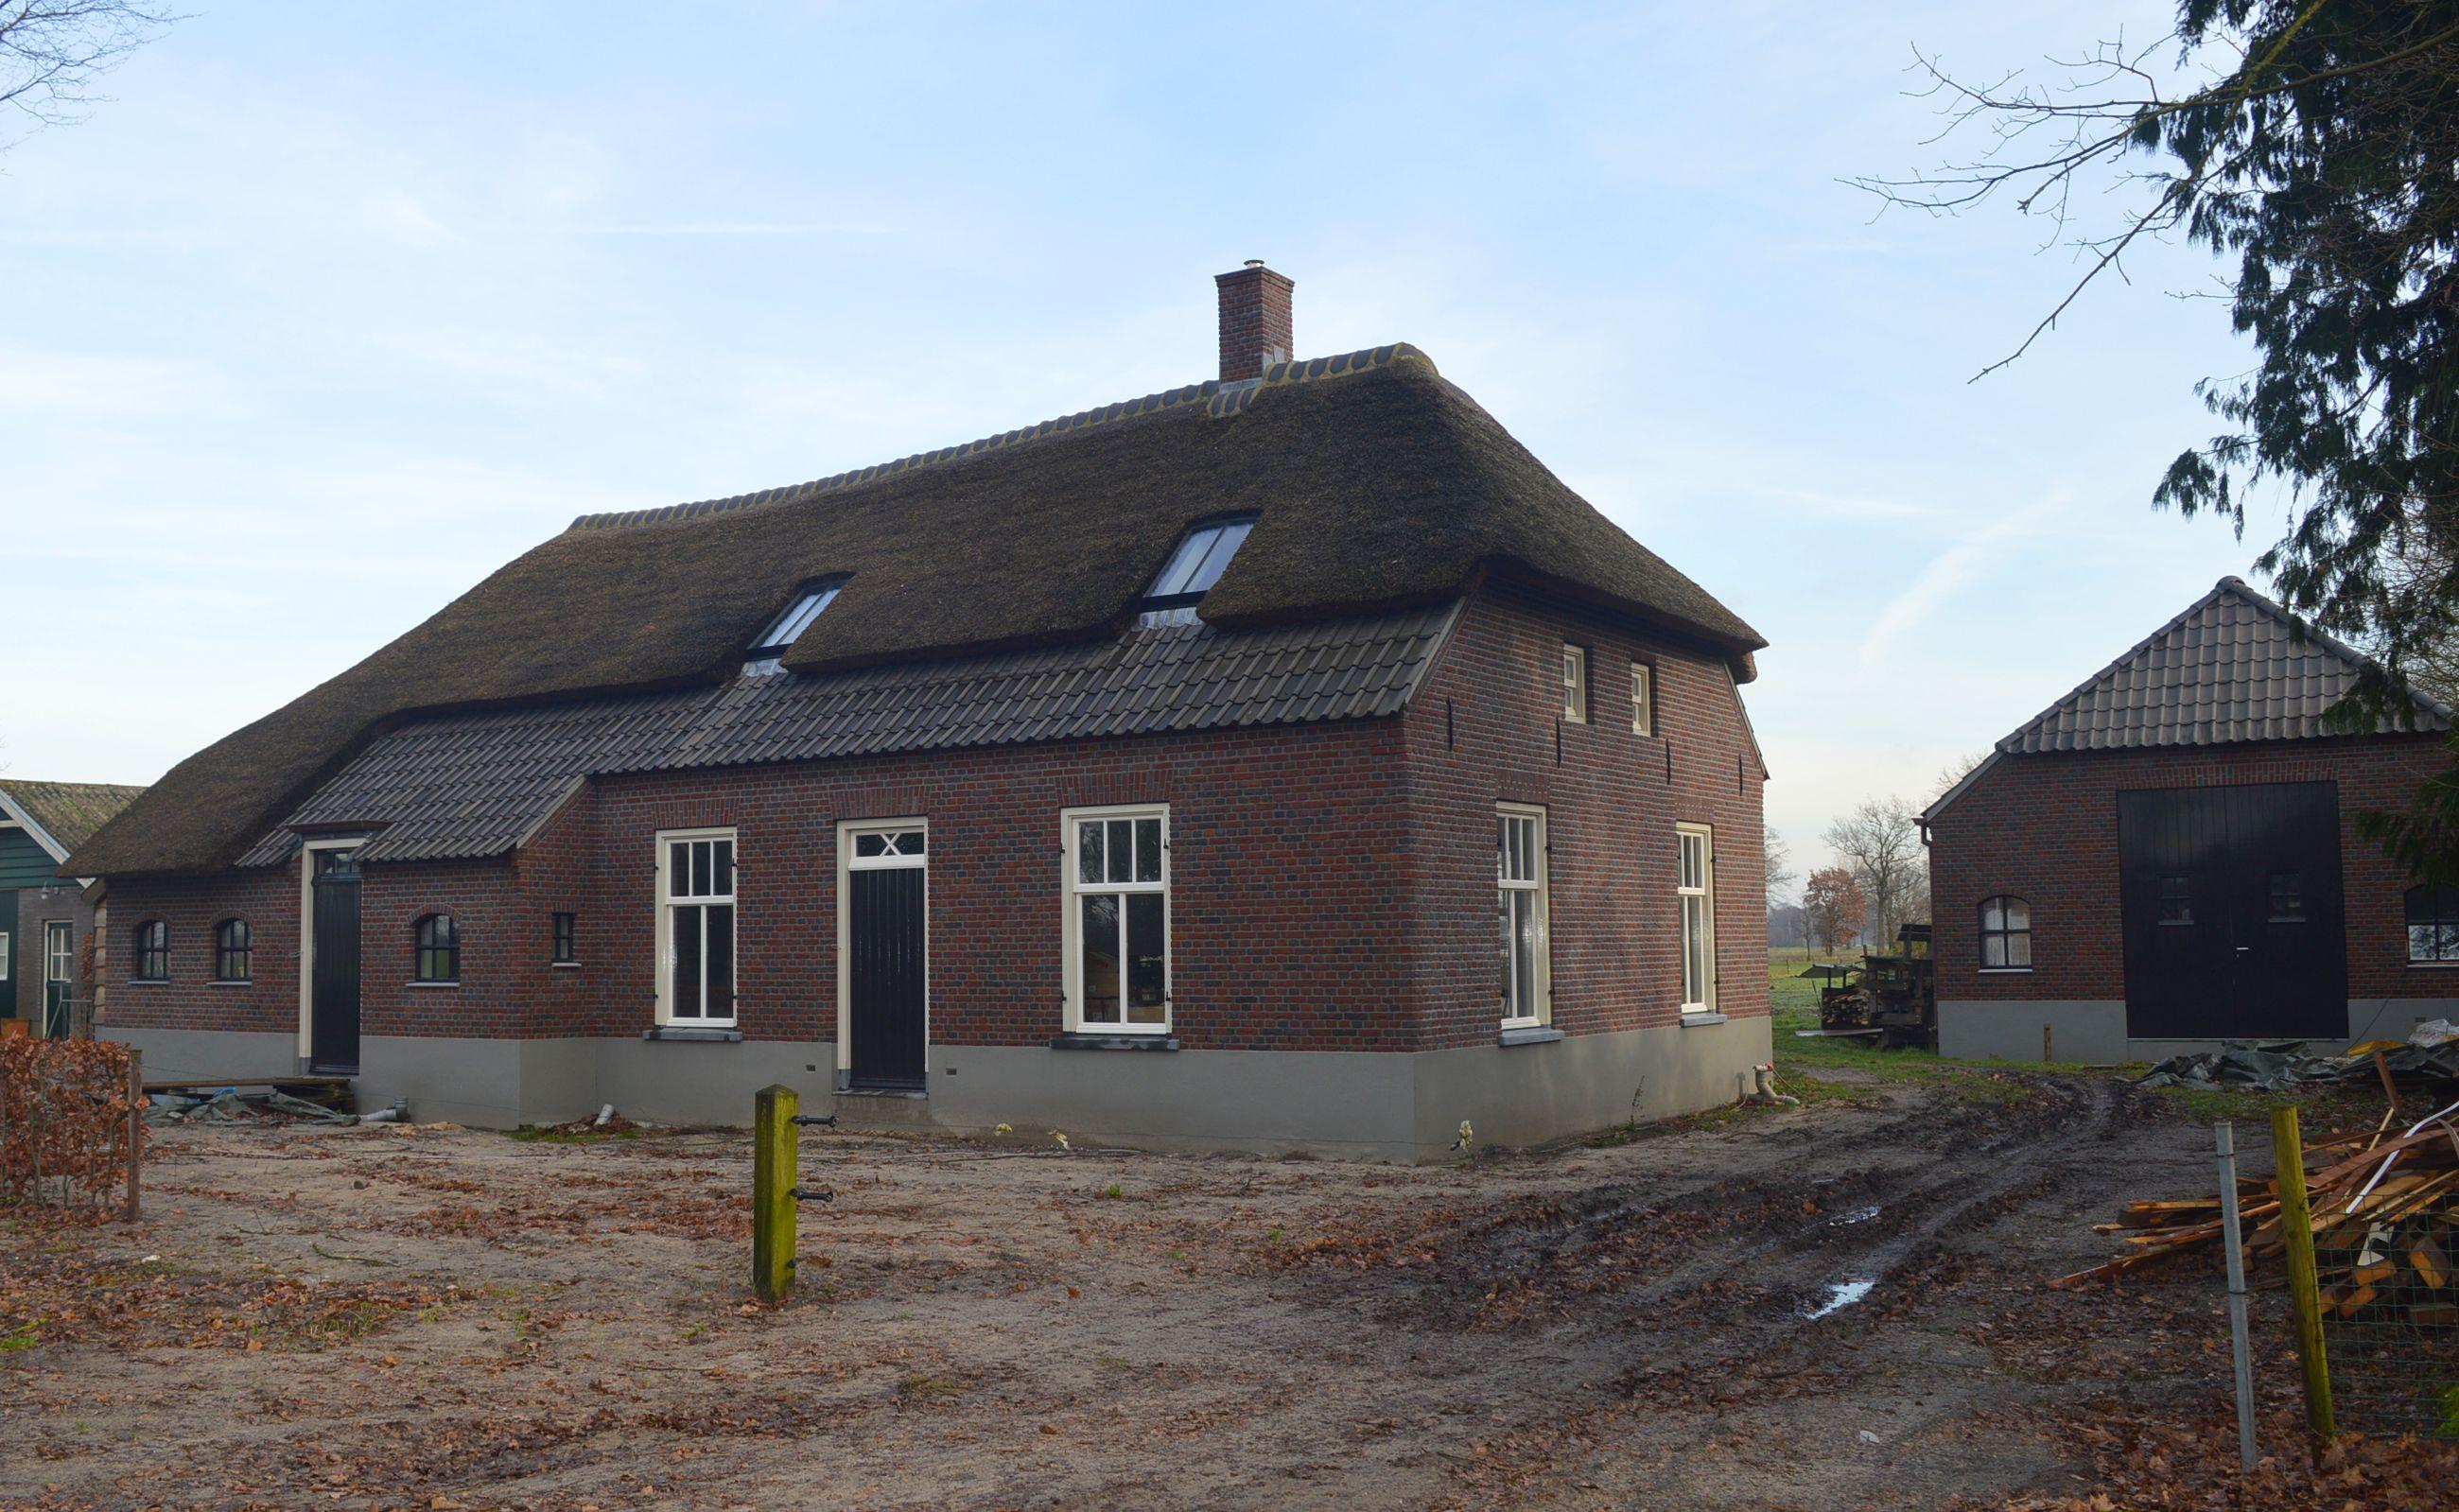 Woonboerderij AchterOventje Zeeland in aanbouw met speciale gebogen nok.